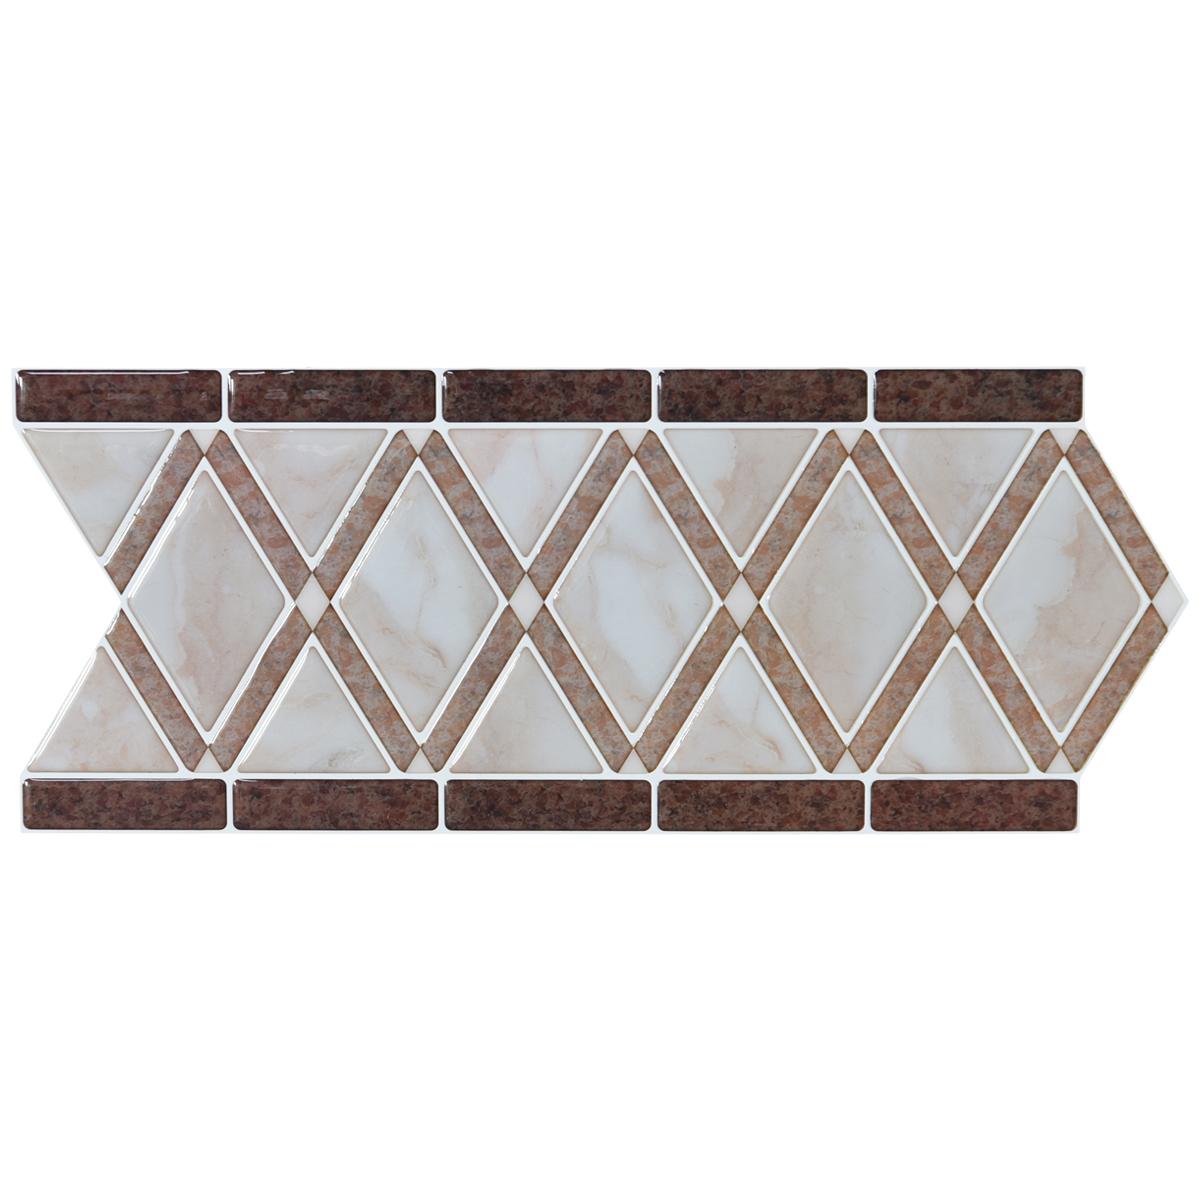 - Peel And Stick Backsplash Tile Borders, Removable Backsplash For